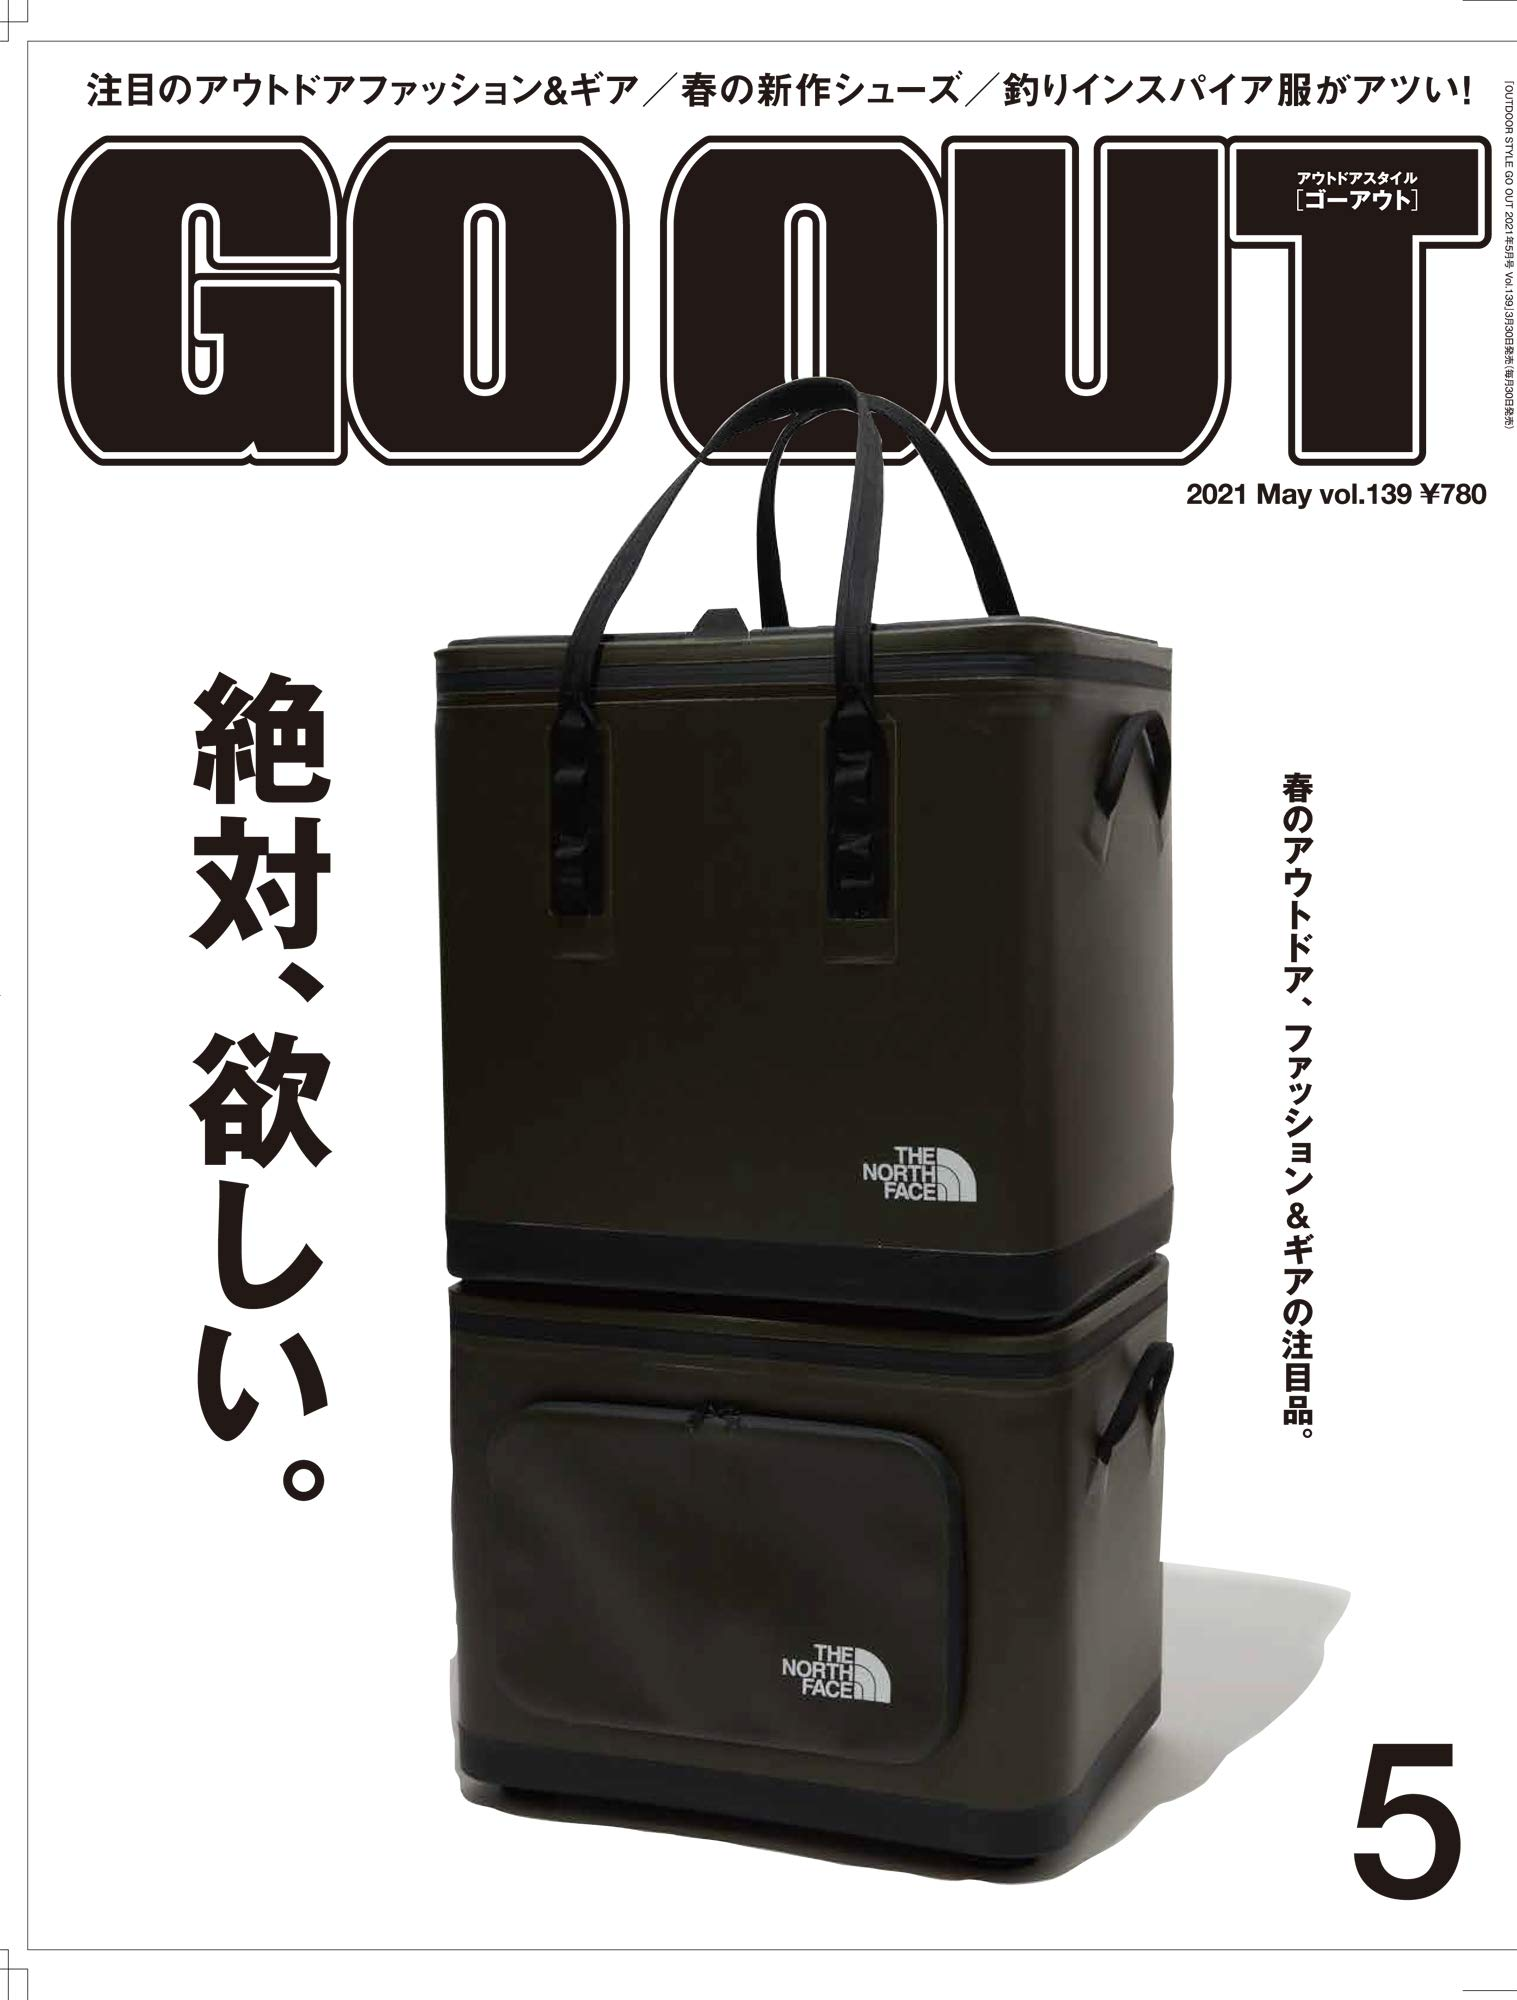 DSタープがGO OUT(ゴーアウト)Magazine Vol.139に掲載いただきました!